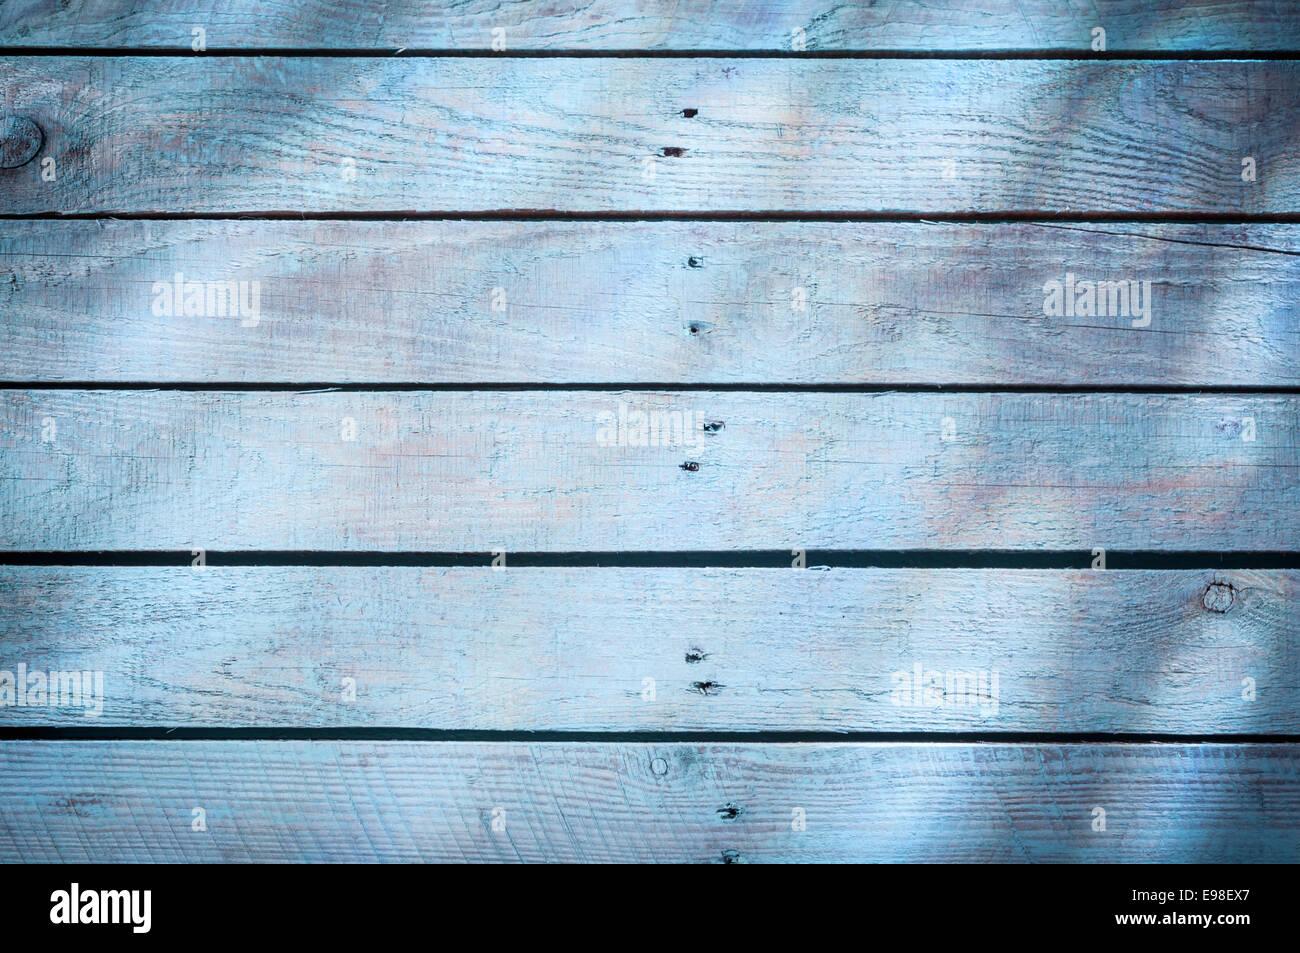 Hintergrund-Textur des verblichenen blauen Holzbretter mit einem ...